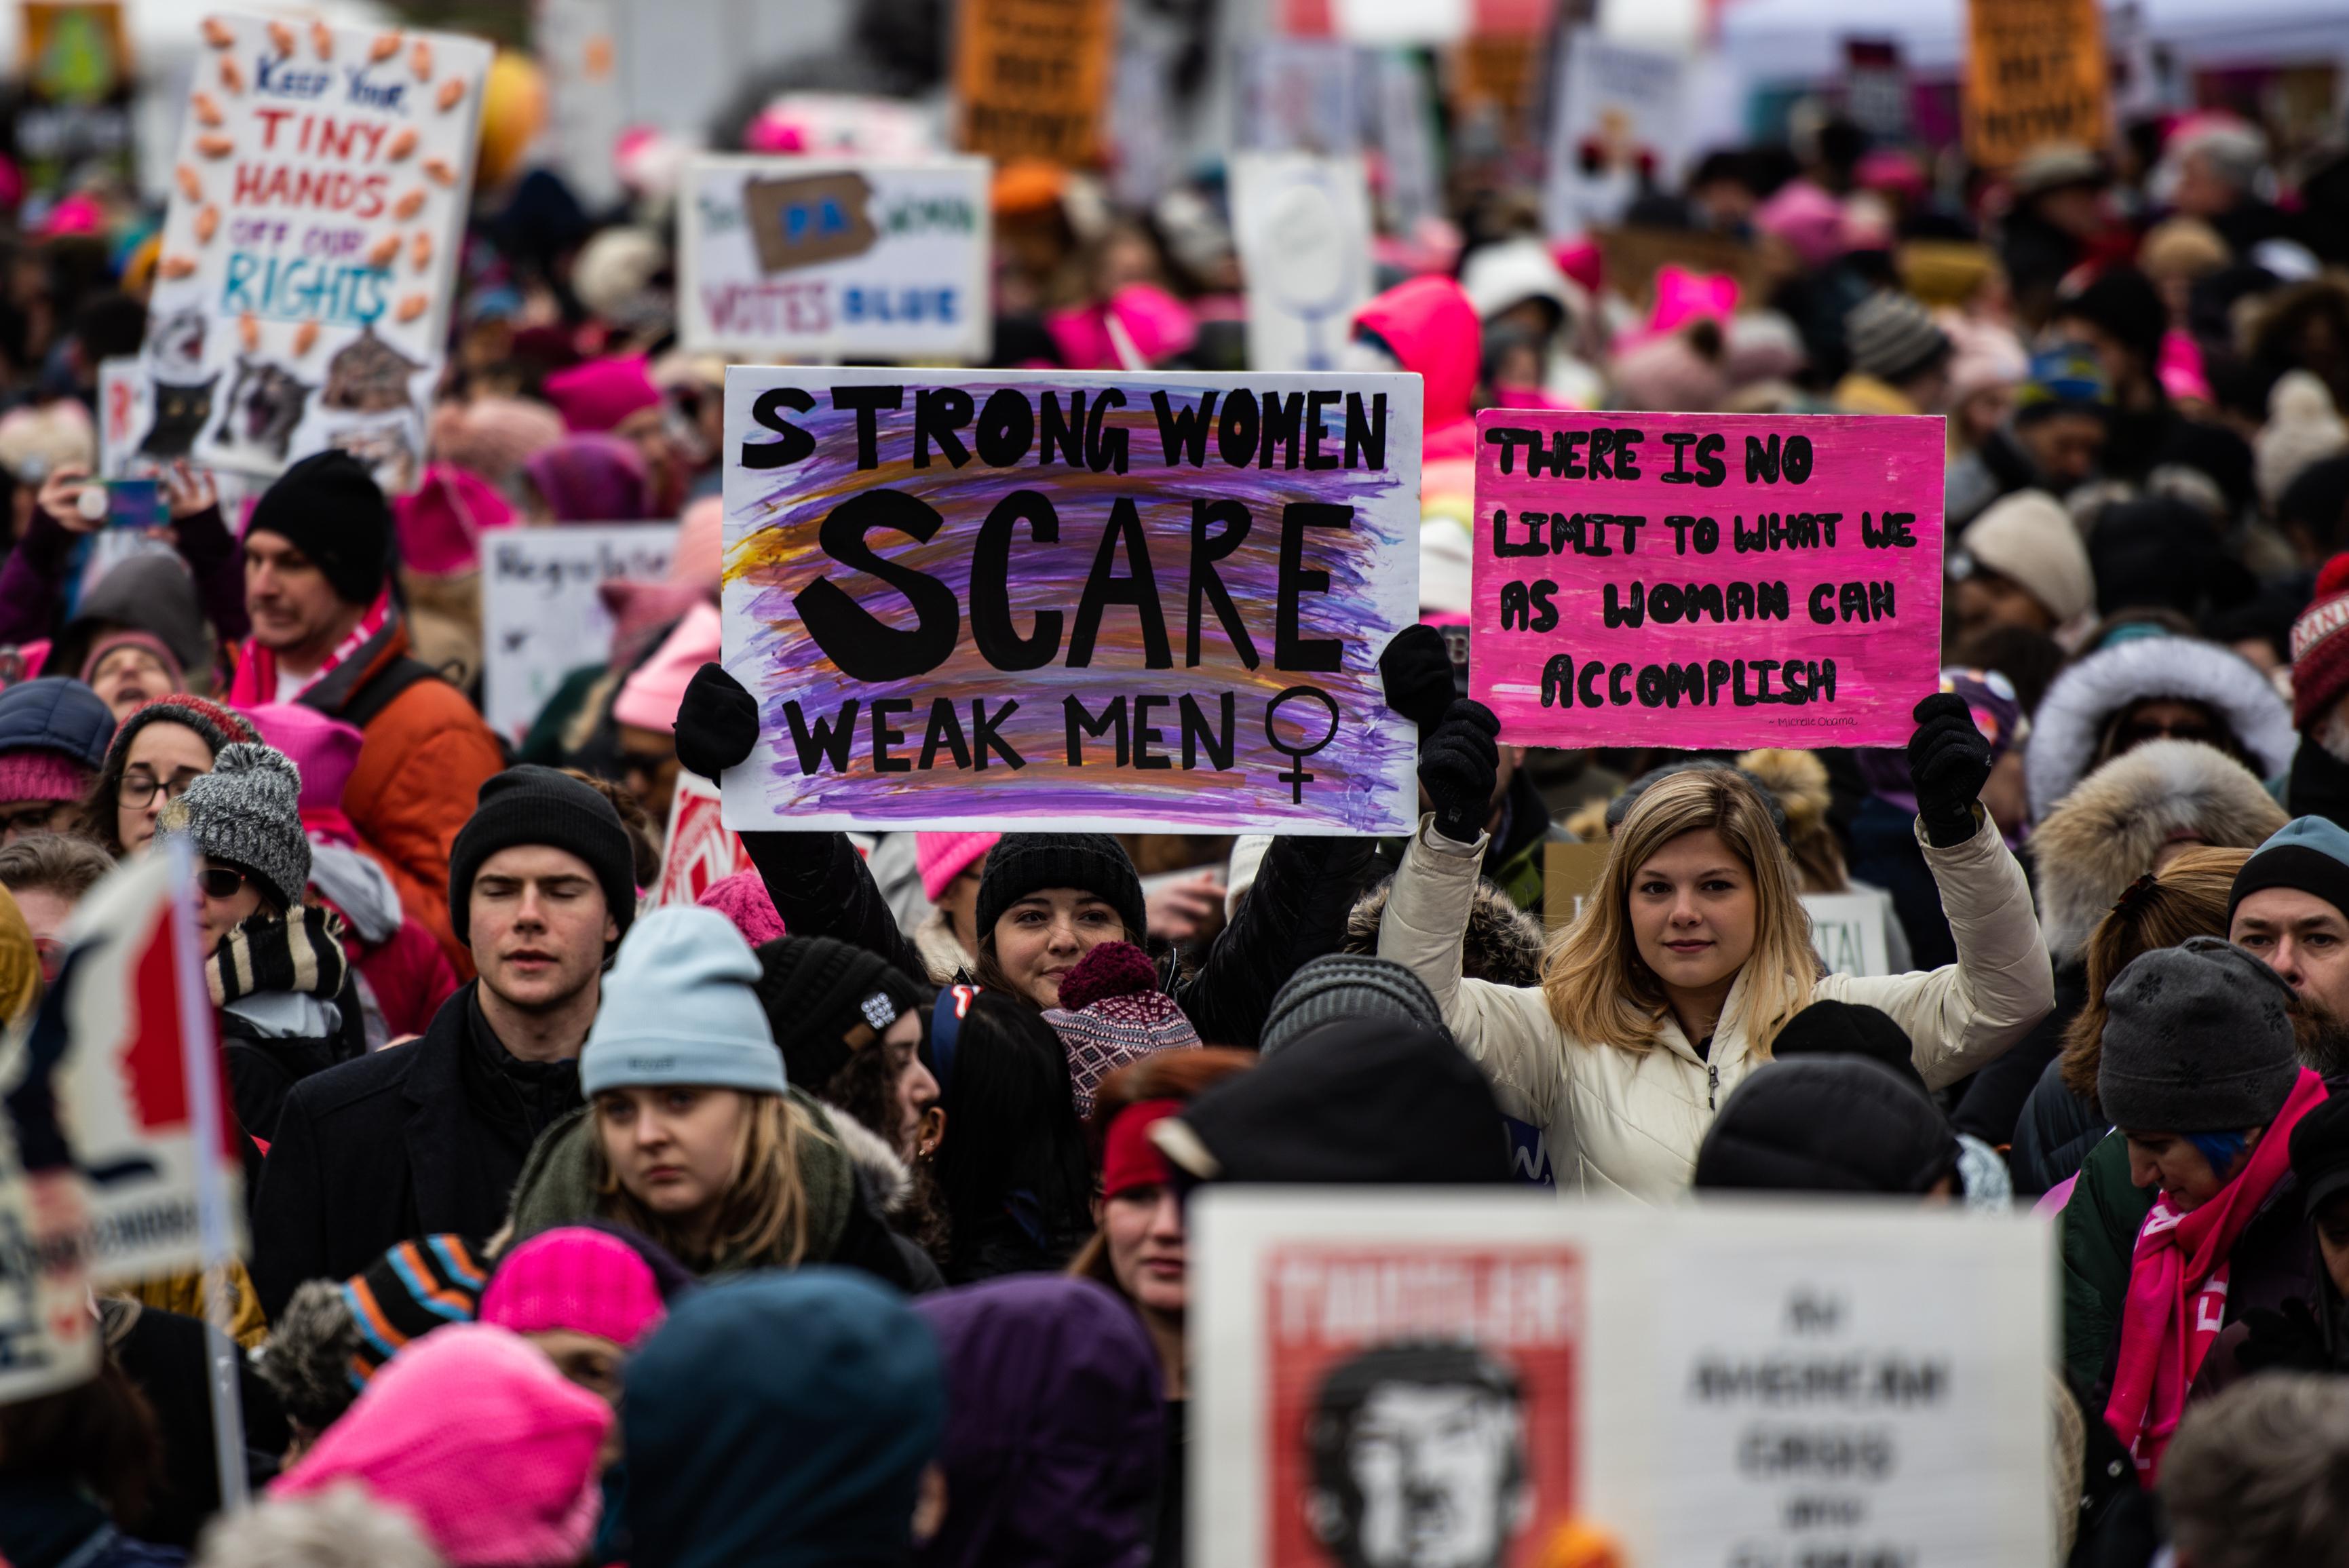 MUJERES. Participantes de la Marcha de las Mujeres en enero durante el cuarto evento anual que se llevó a cabo en Freedom Plaza, en Washington, DC. | FOTO: Salwan Georges The Washington Post